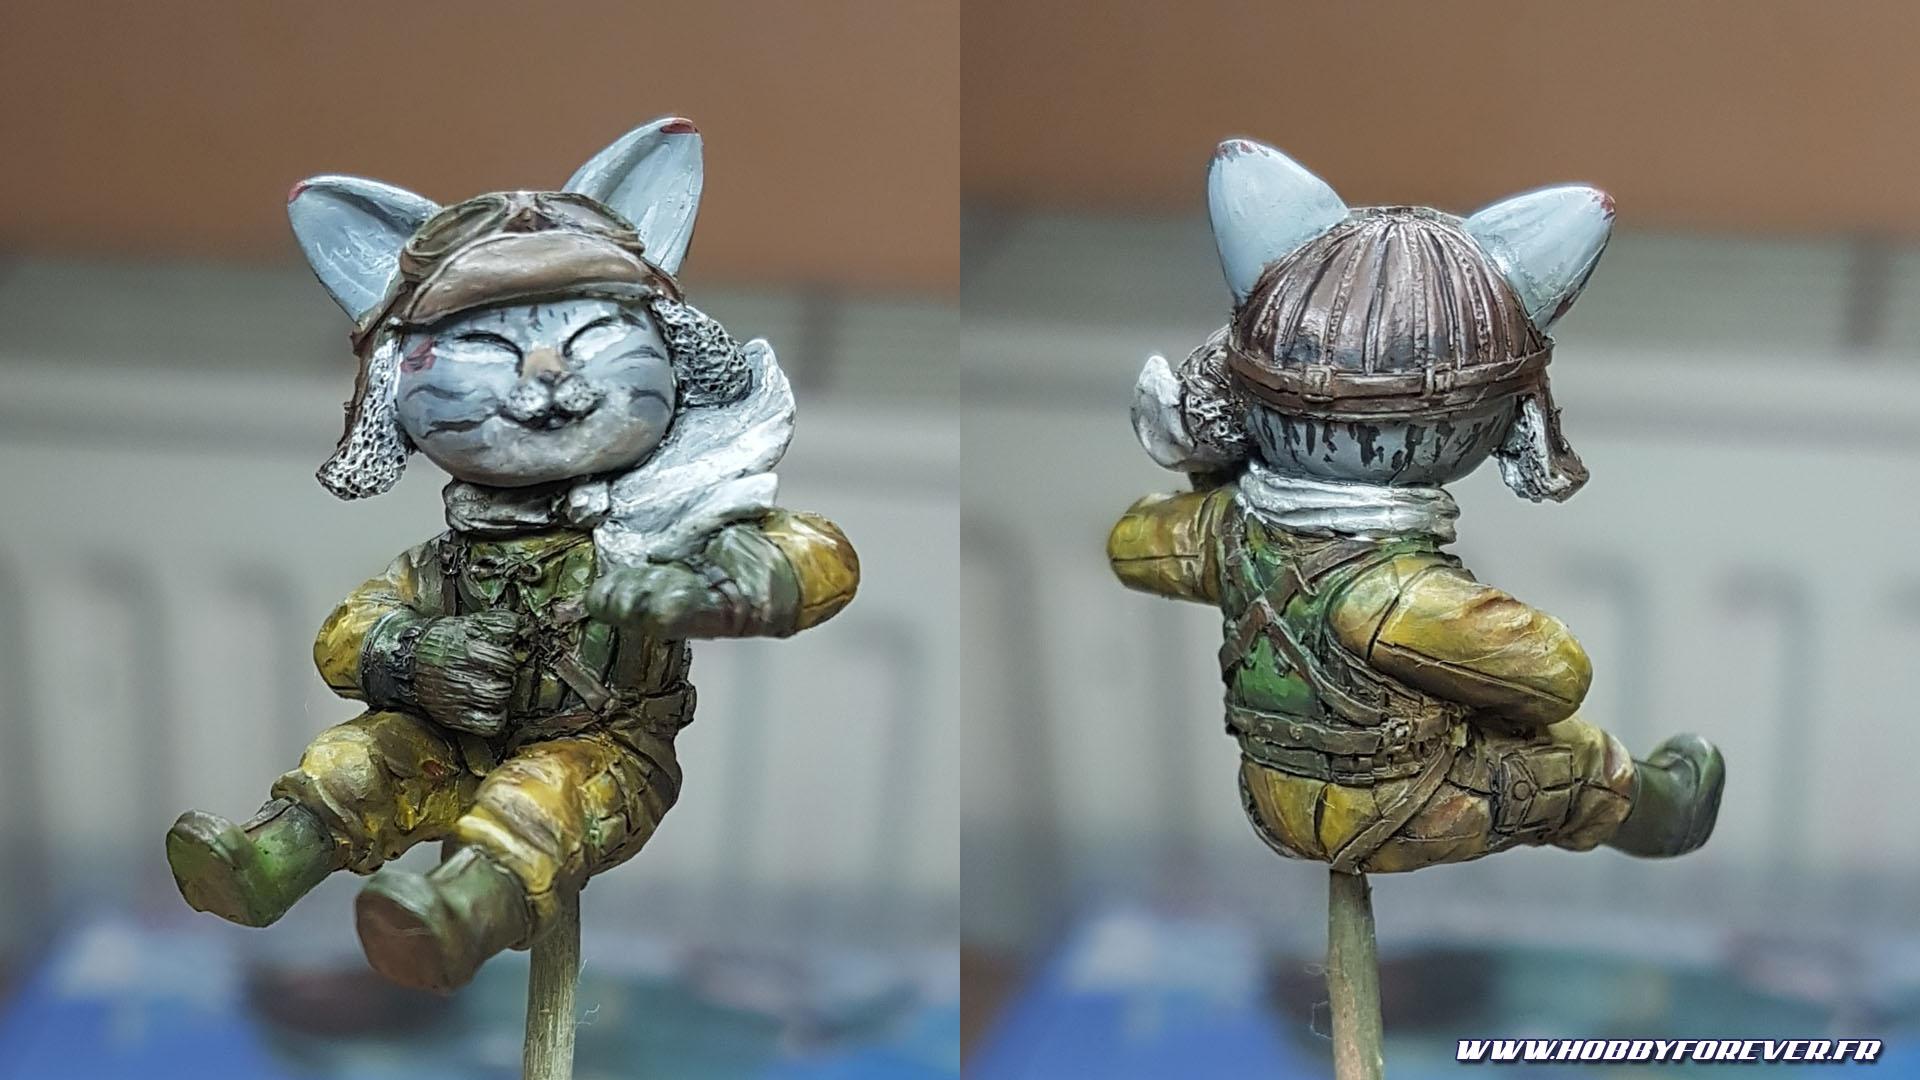 La figurine en résine du chat pilote est très détaillée, un régal à peindre